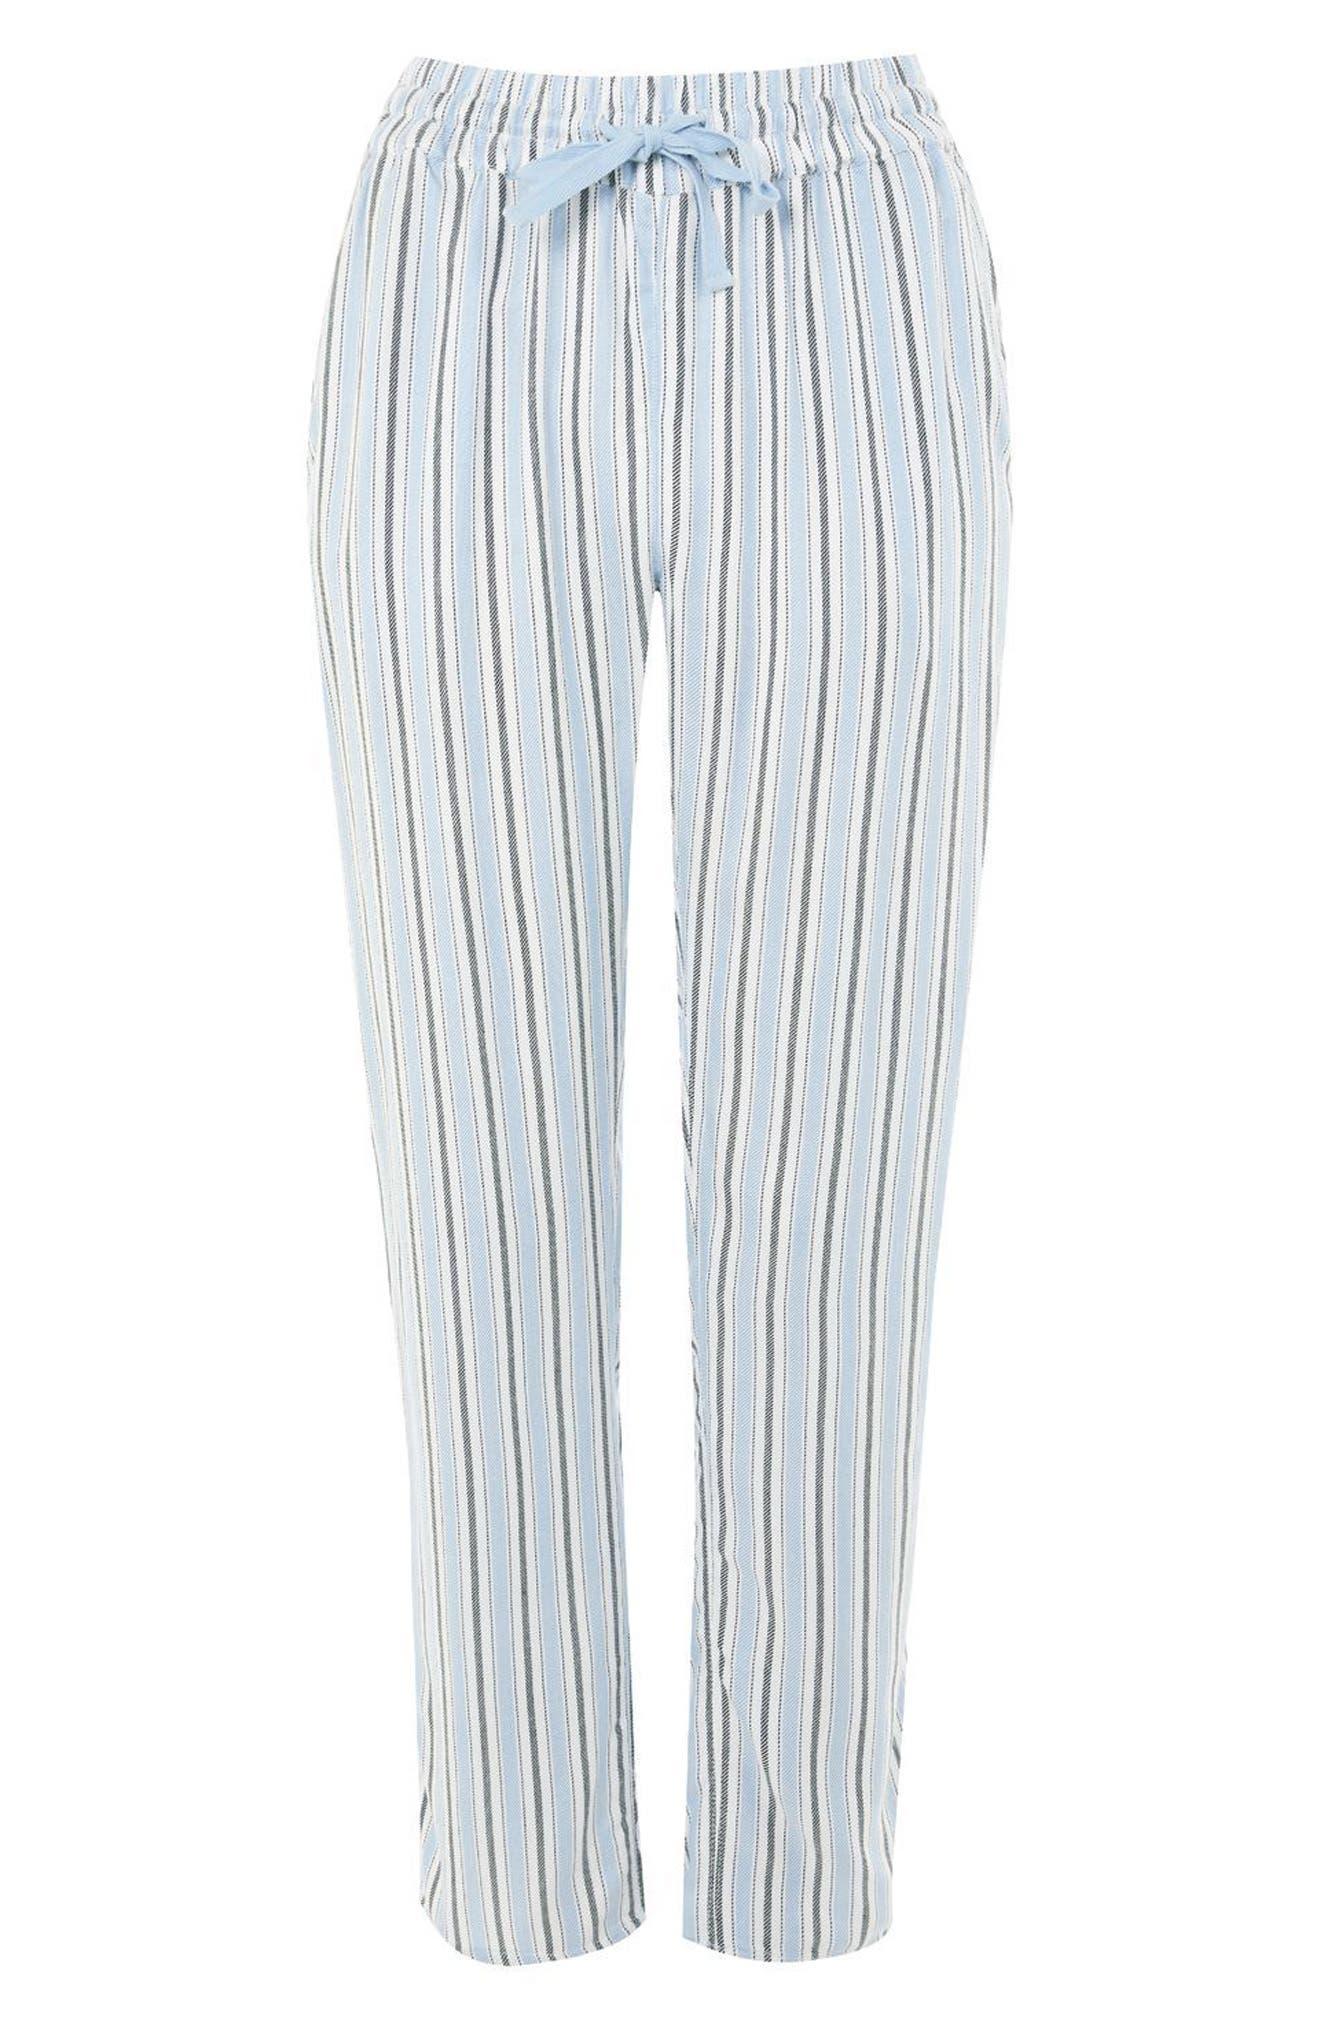 Bobby Stripe Pajama Pants,                             Alternate thumbnail 3, color,                             Blue Multi